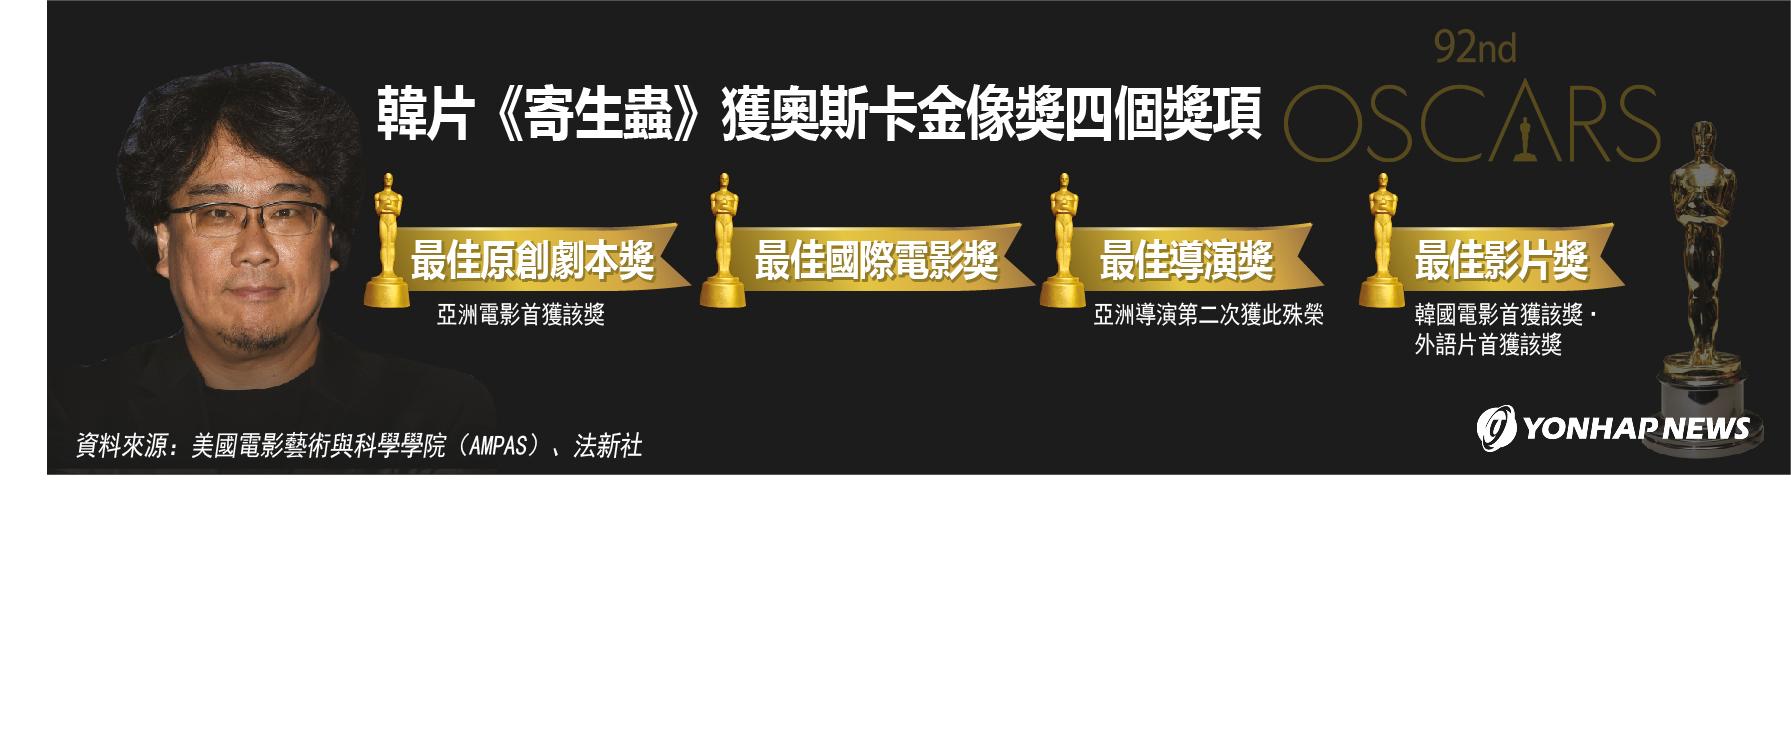 韓片《寄生蟲》獲奧斯卡金像獎四個獎項